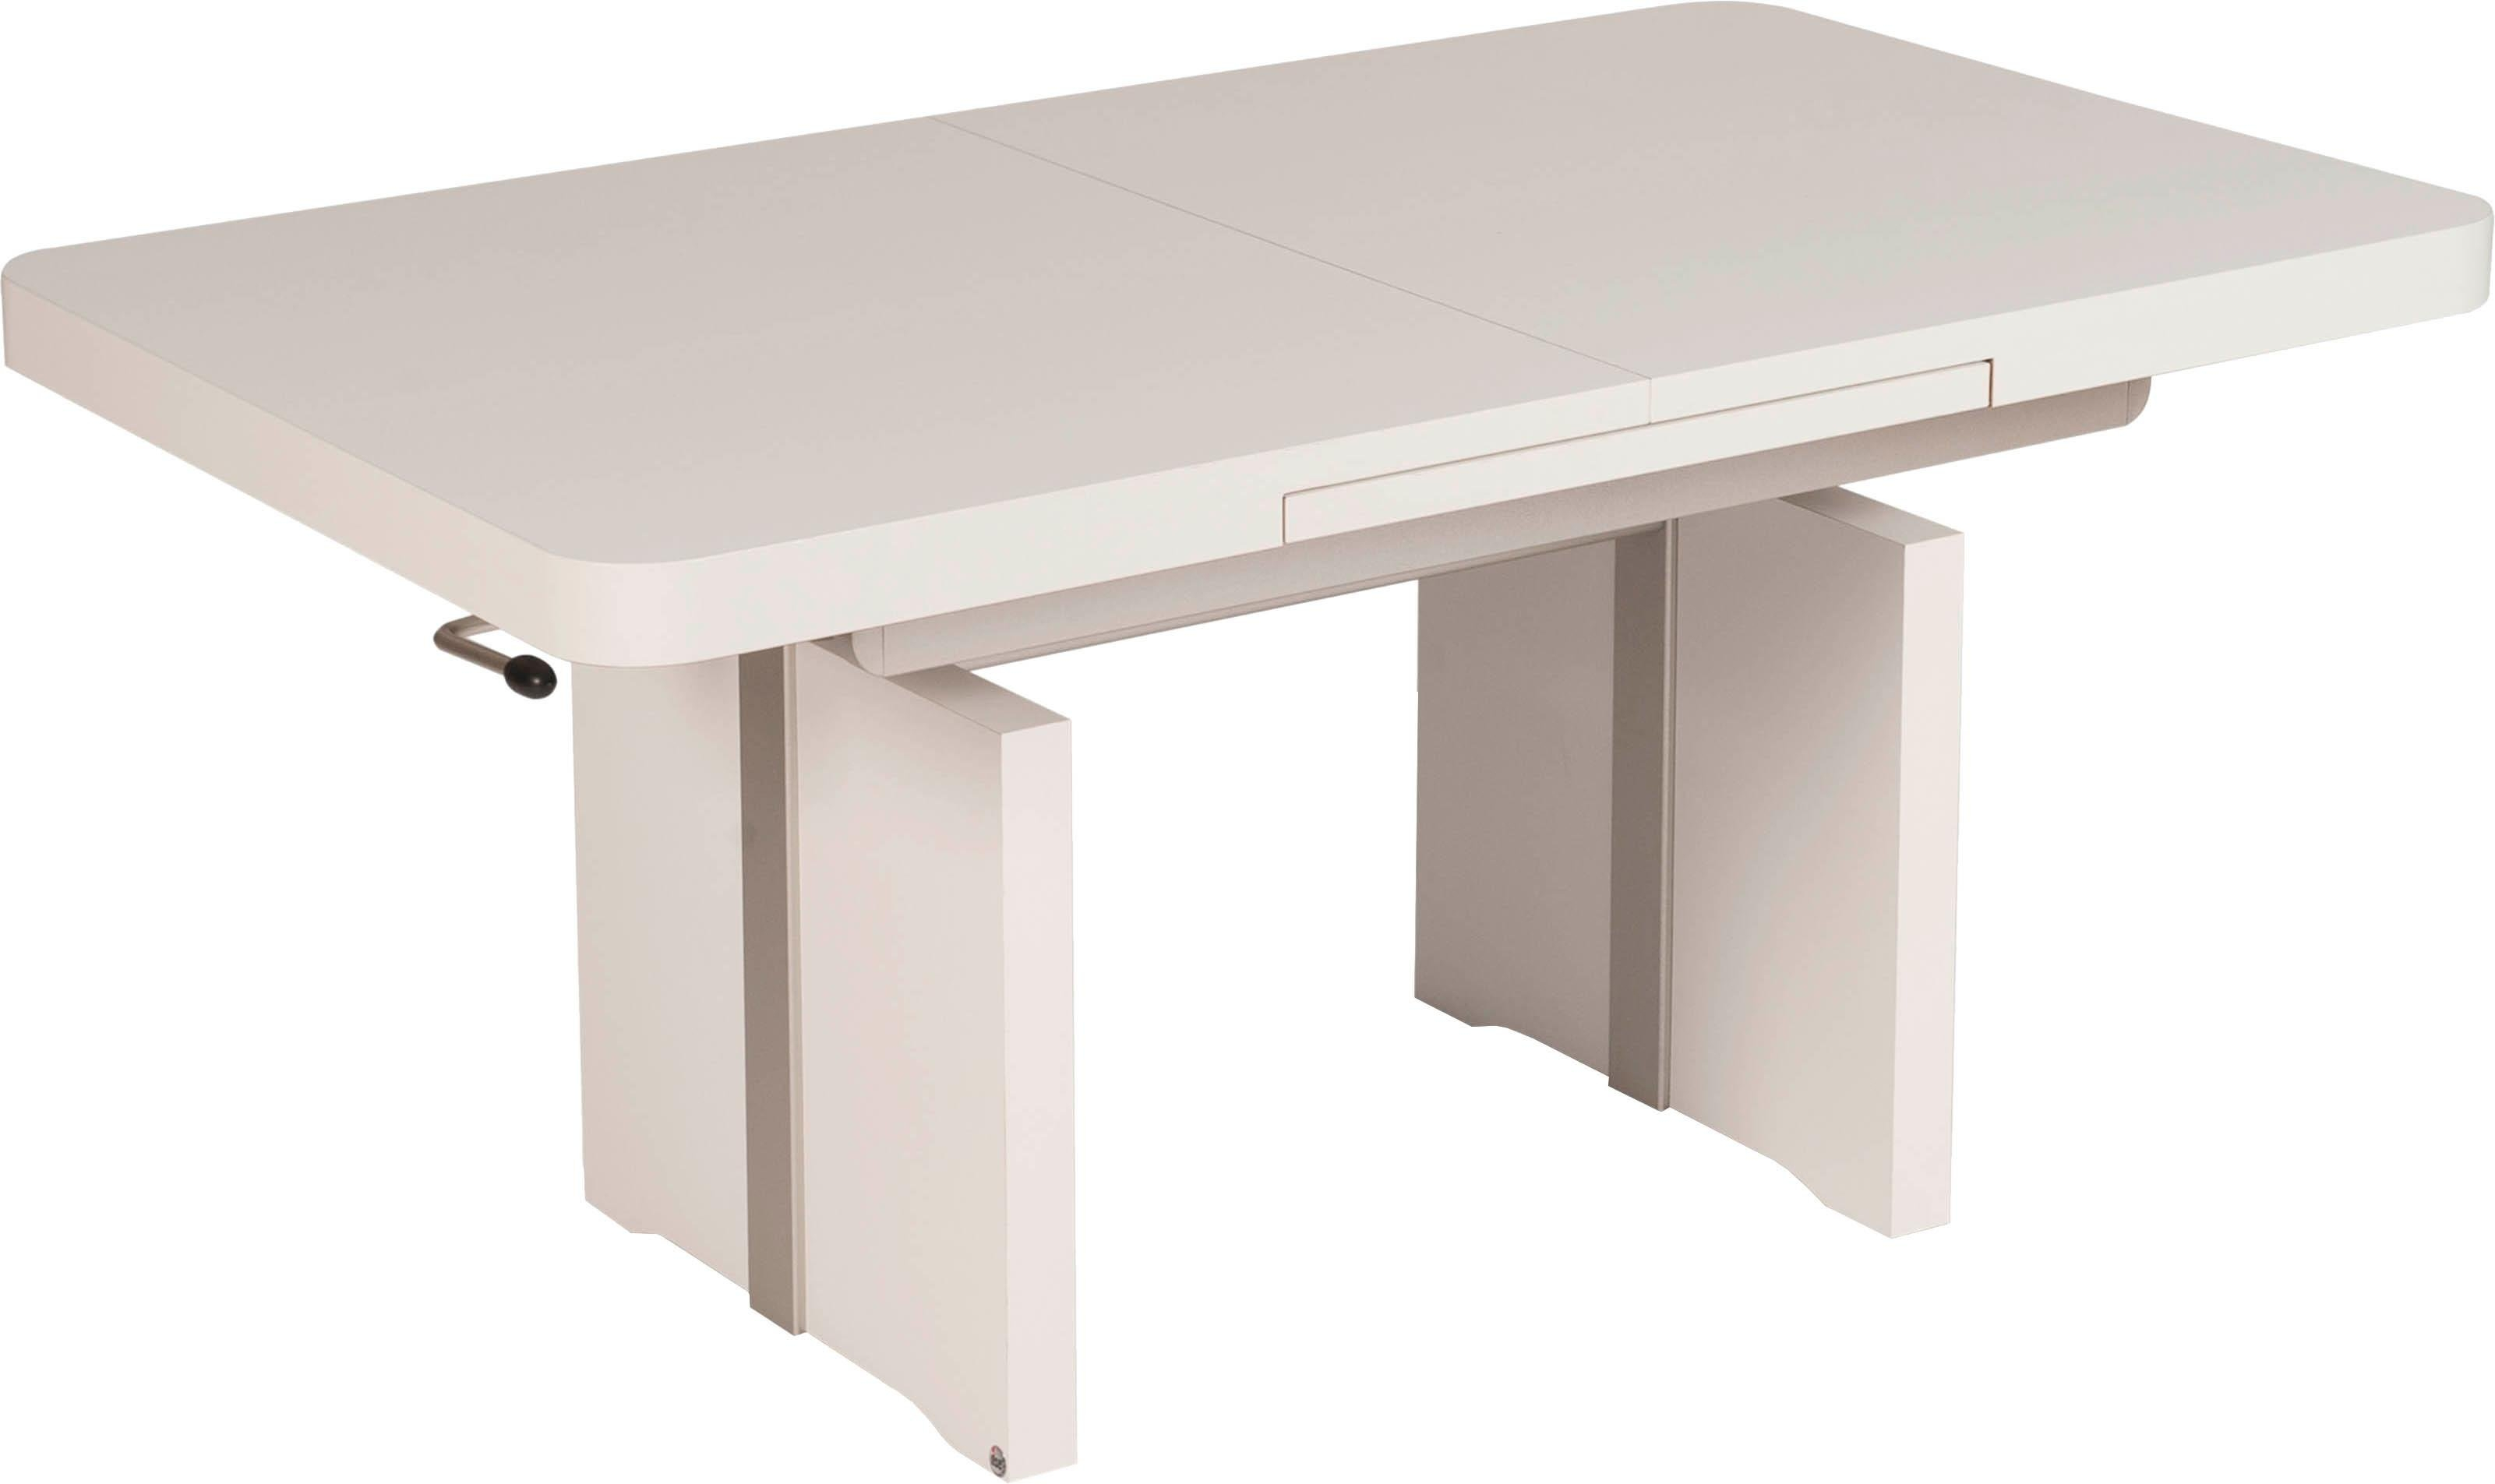 Vierhaus salontafel in hoogte verstelbaar bestellen: 30 dagen bedenktijd